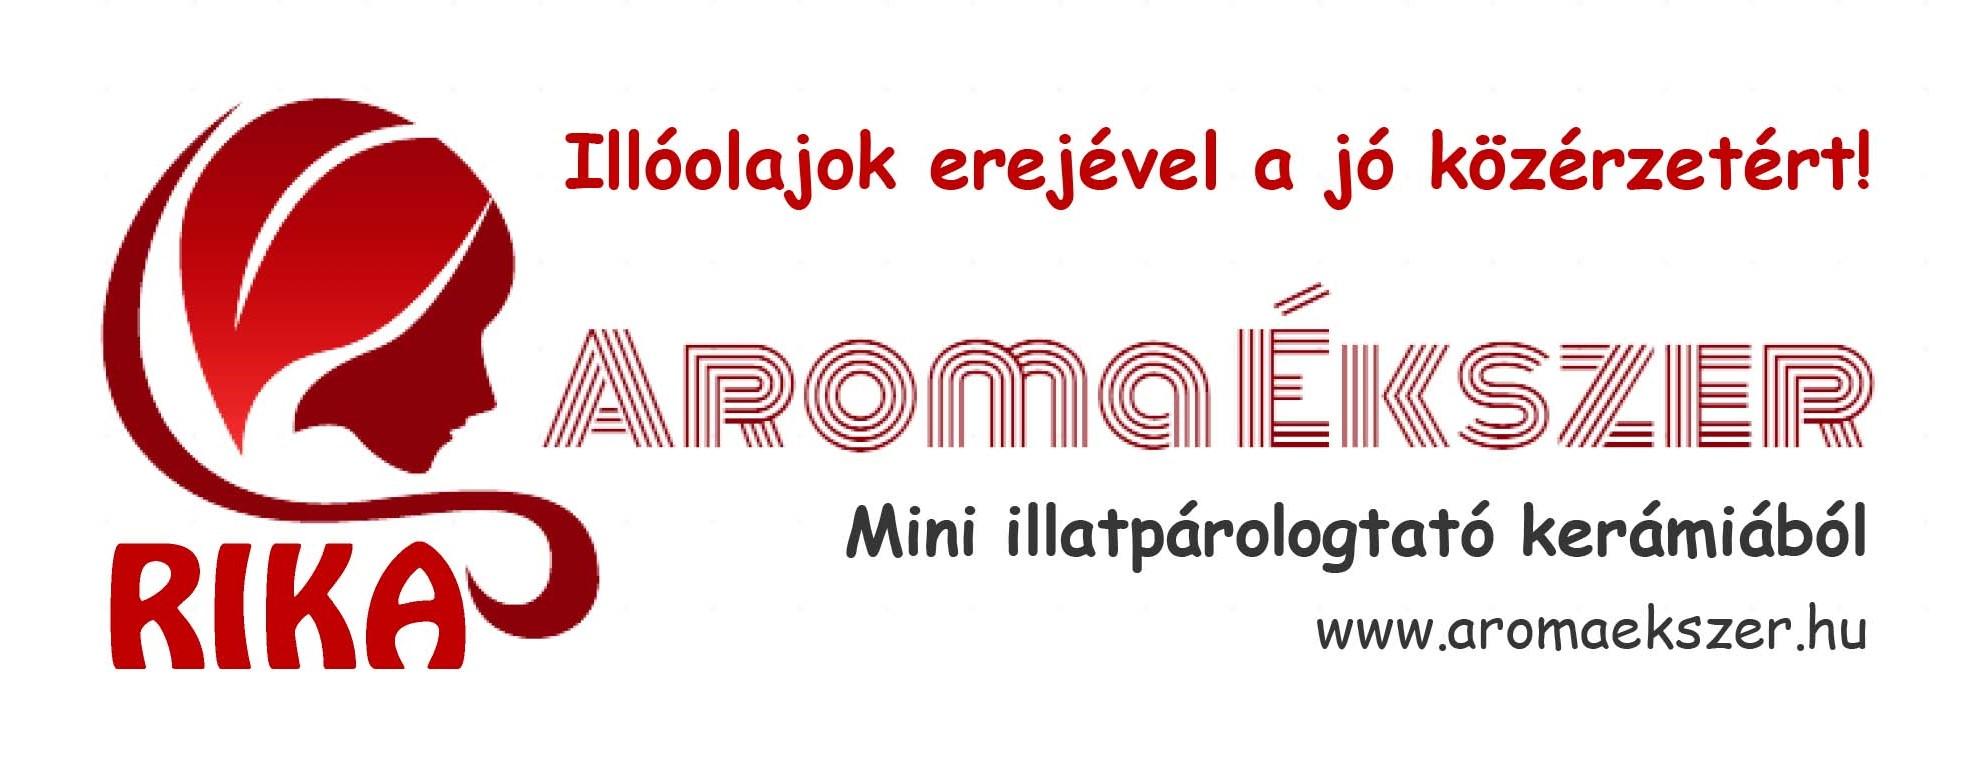 RIKA AromaÉkszer - Mini illatpárologtató kerámiából